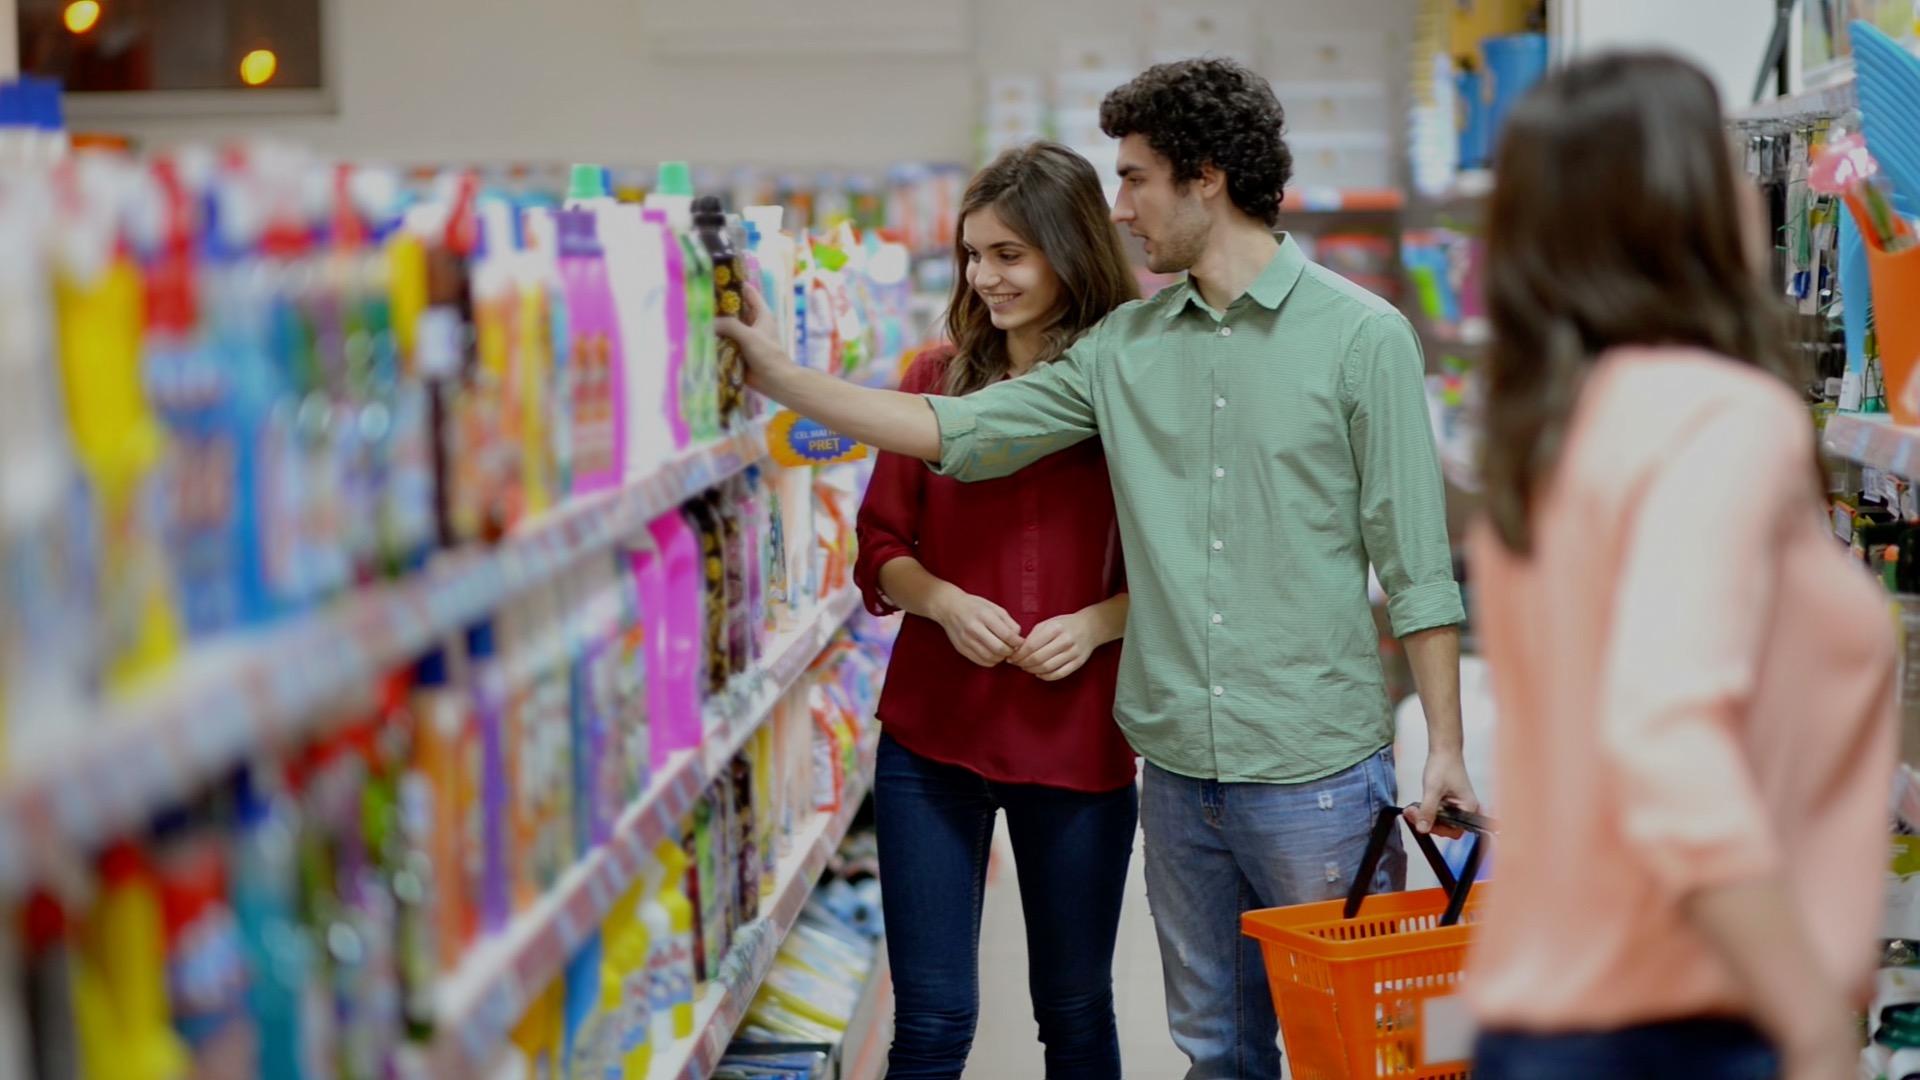 casal escolhendo produtos no supermercado